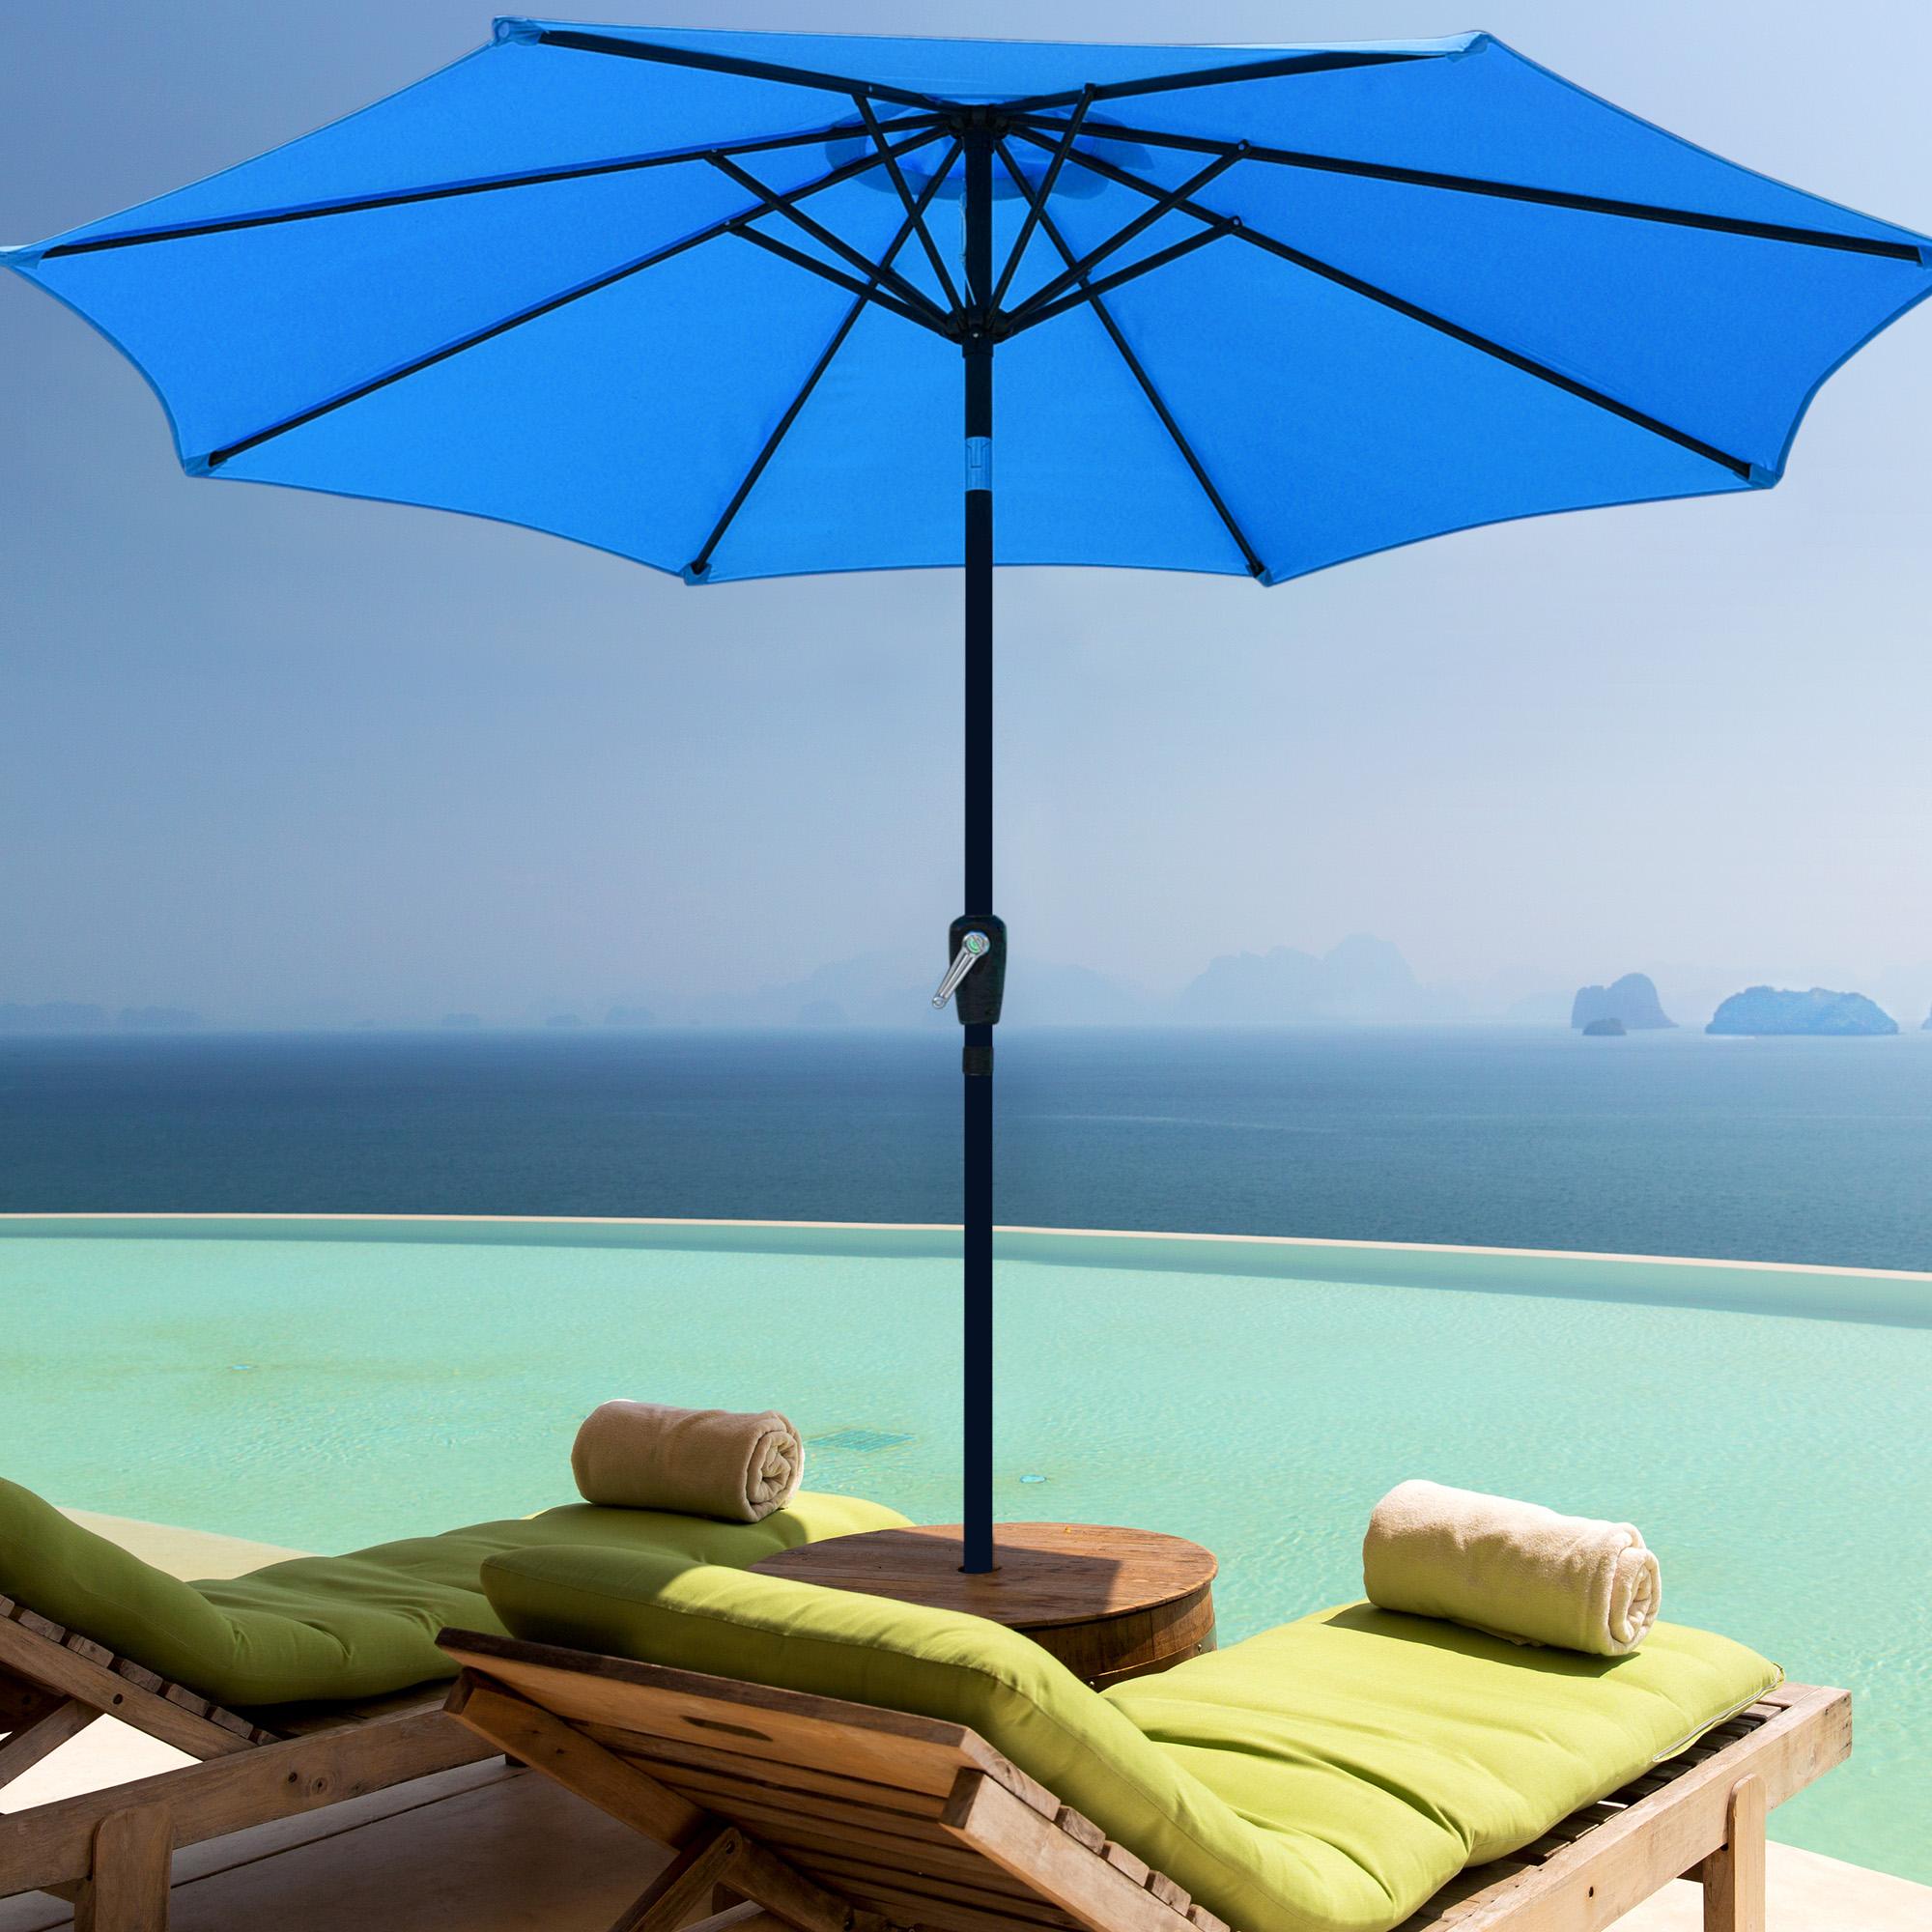 thumbnail 47 - 9' Outdoor Umbrella Patio 8 Ribs Market Garden Crank Tilt Beach Sunshade Parasol